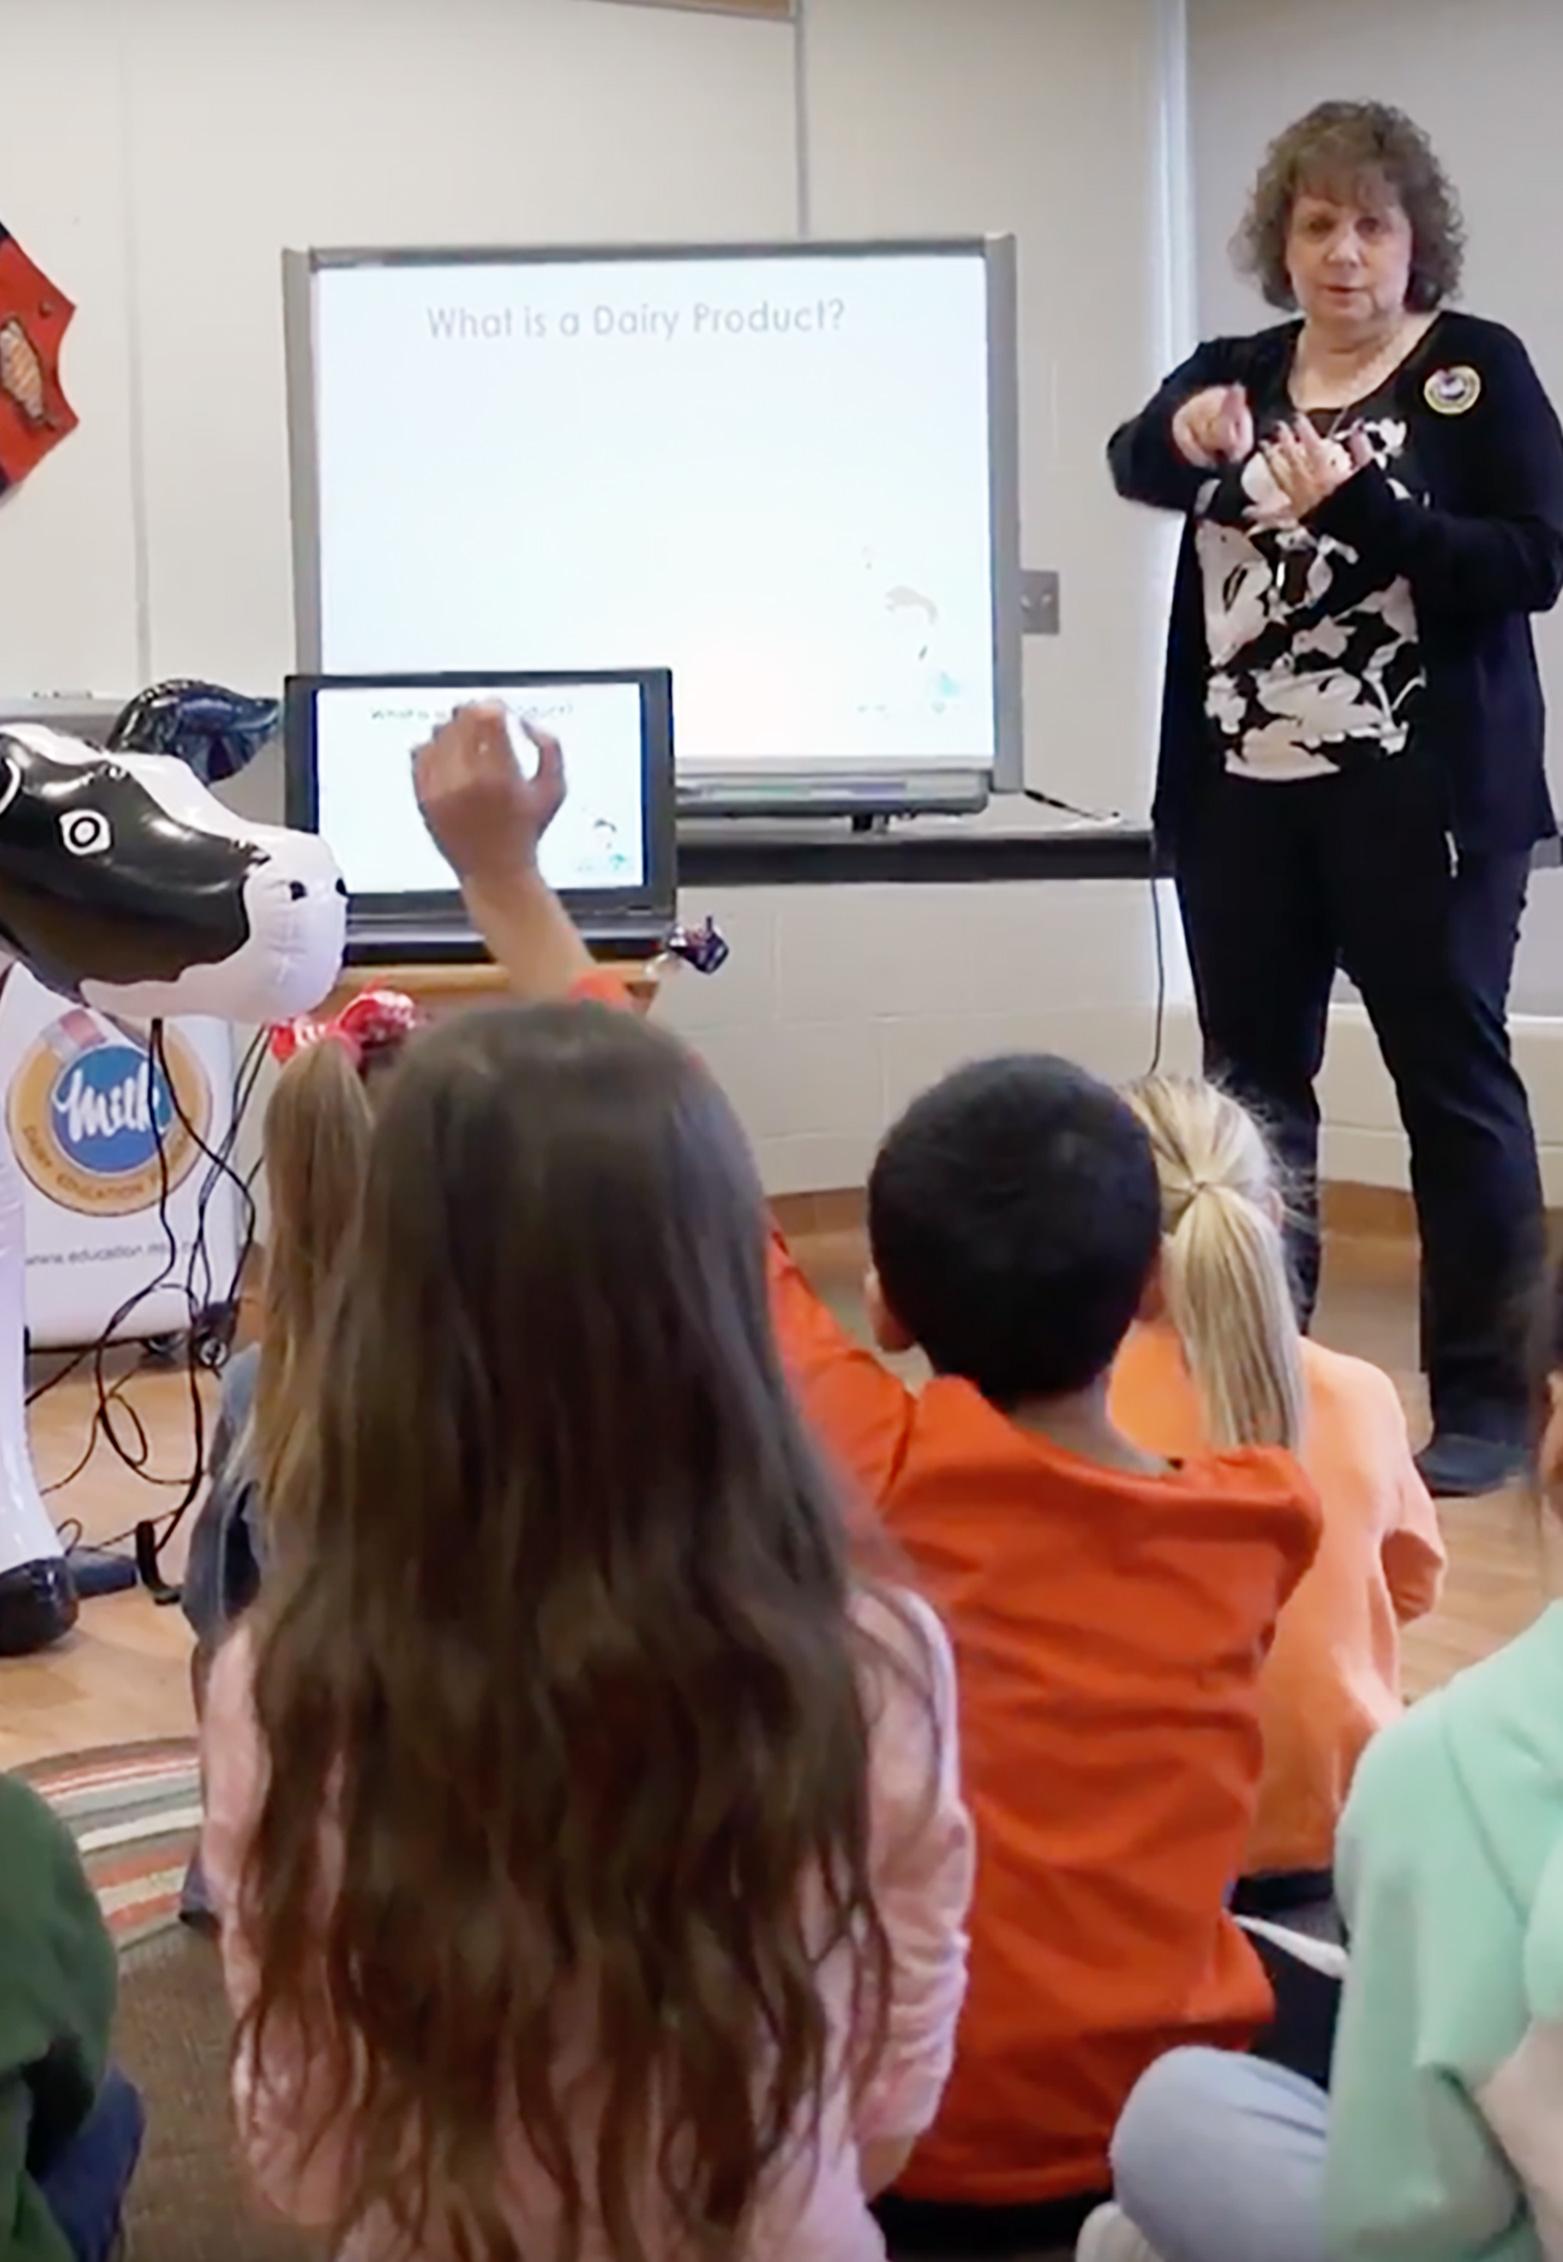 A teacher leads an elementary school class